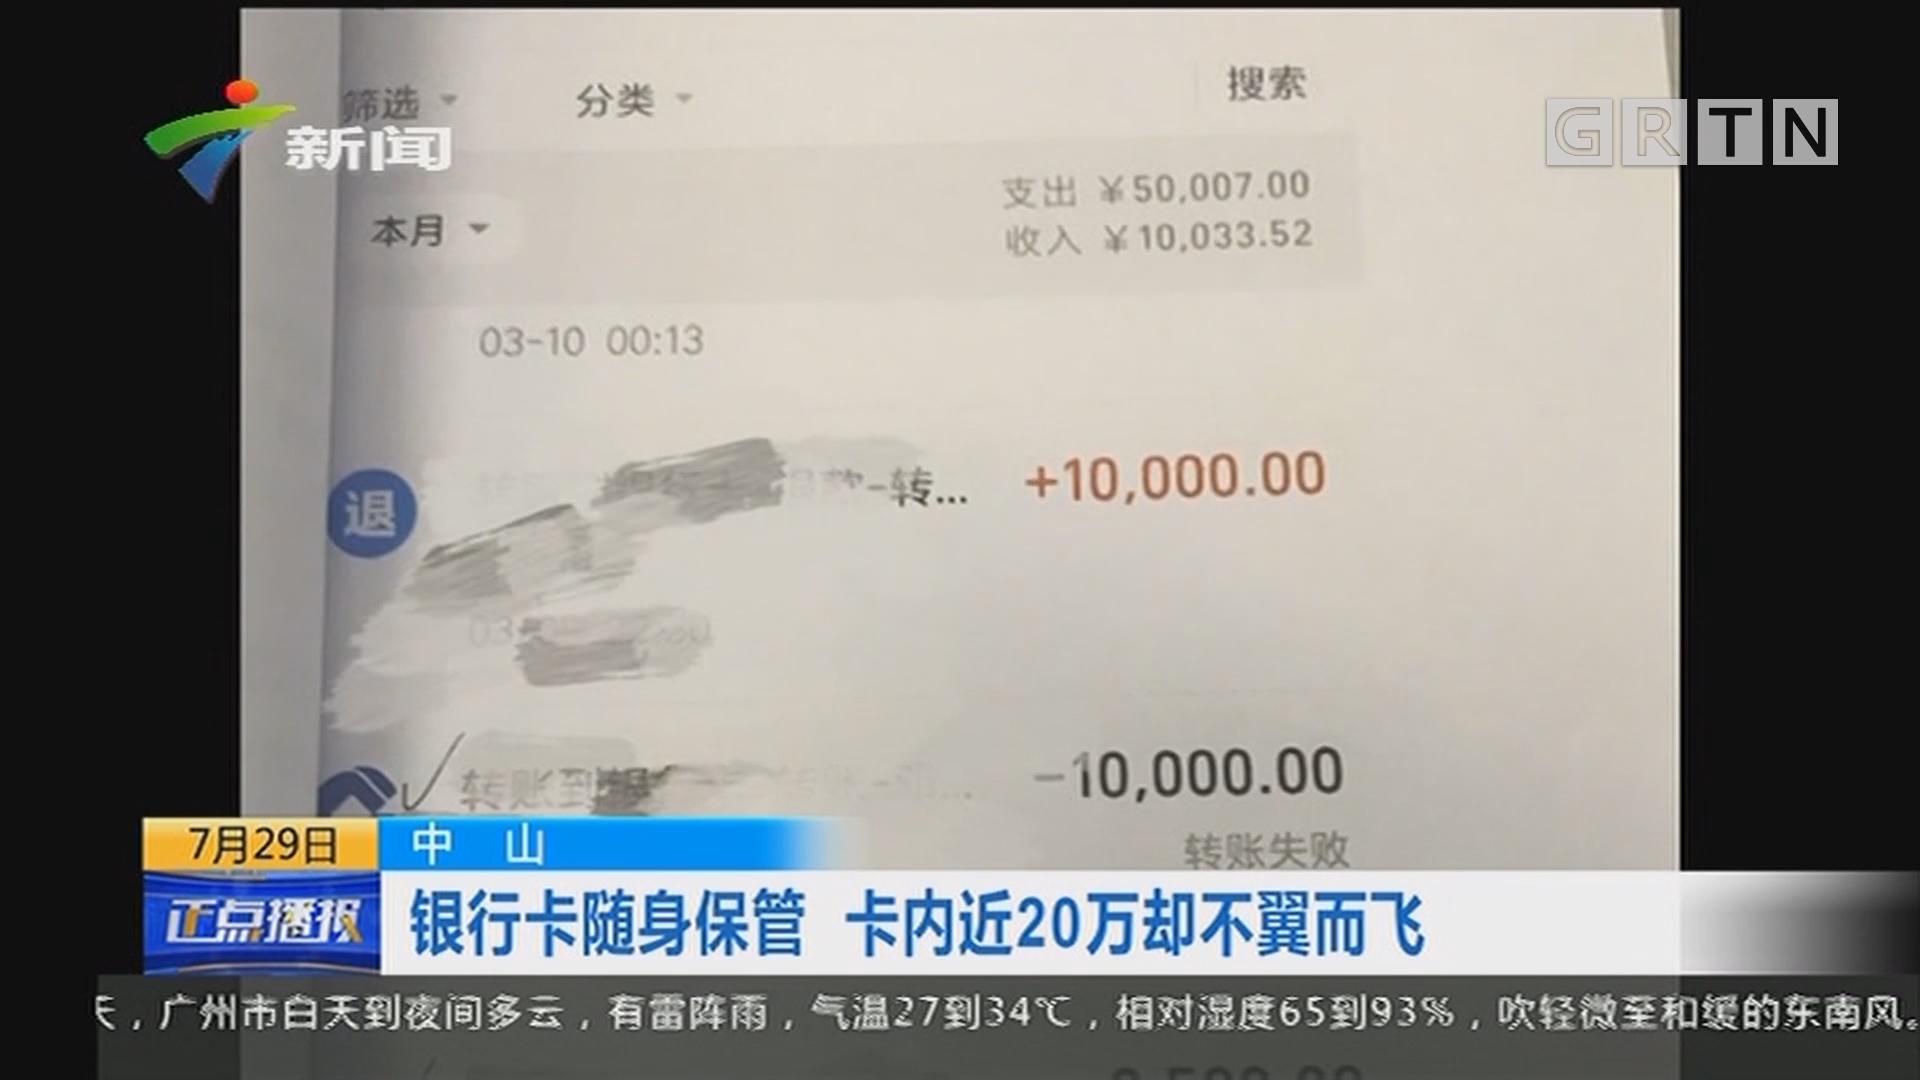 中山:银行卡随身保管 卡内近20万却不翼而飞